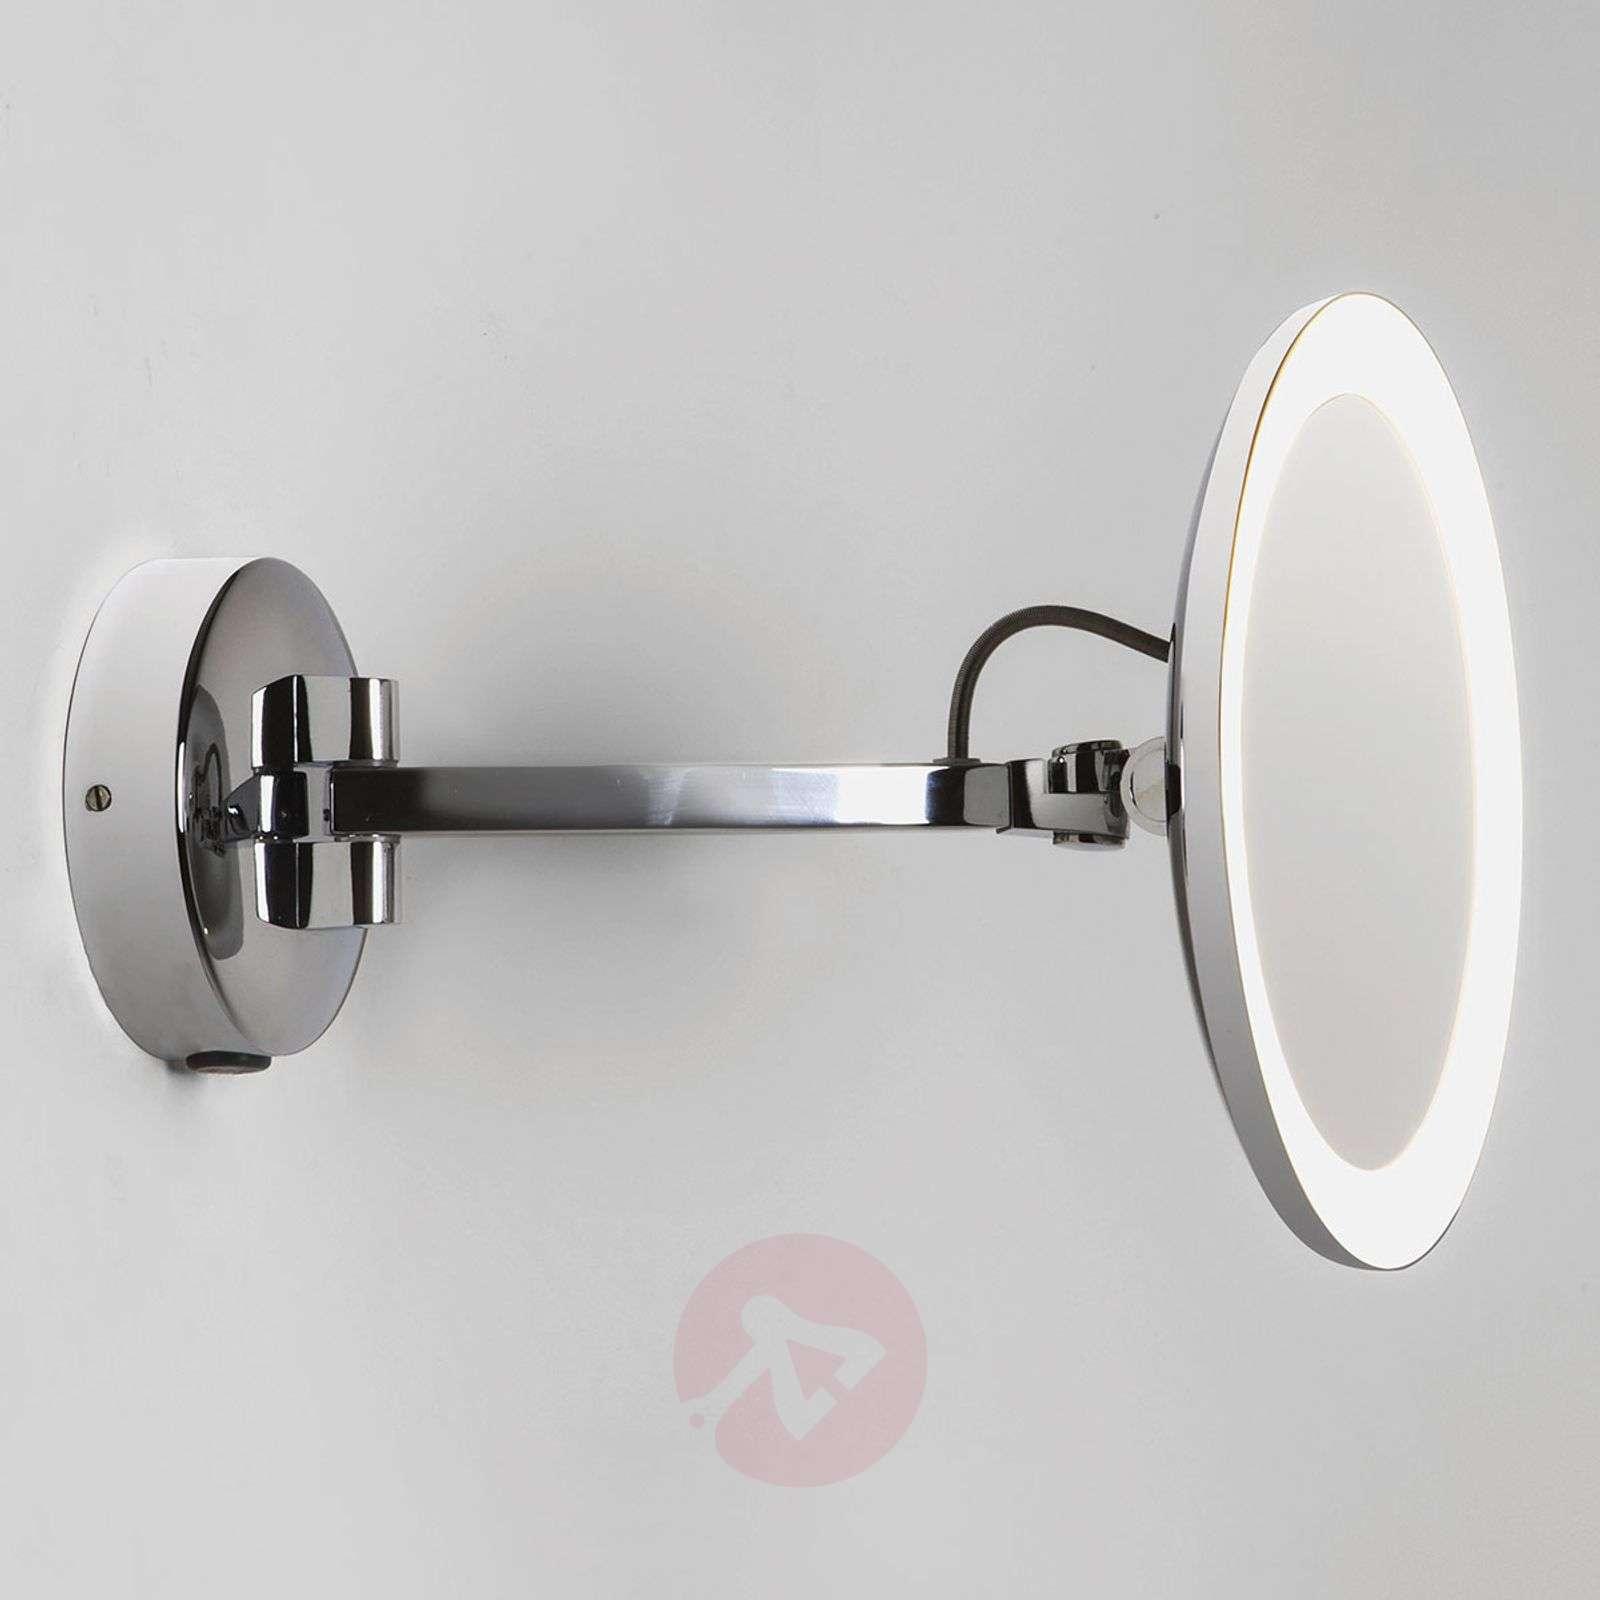 Valaiseva Mascali-seinäpeili LEDeillä-1020532-05